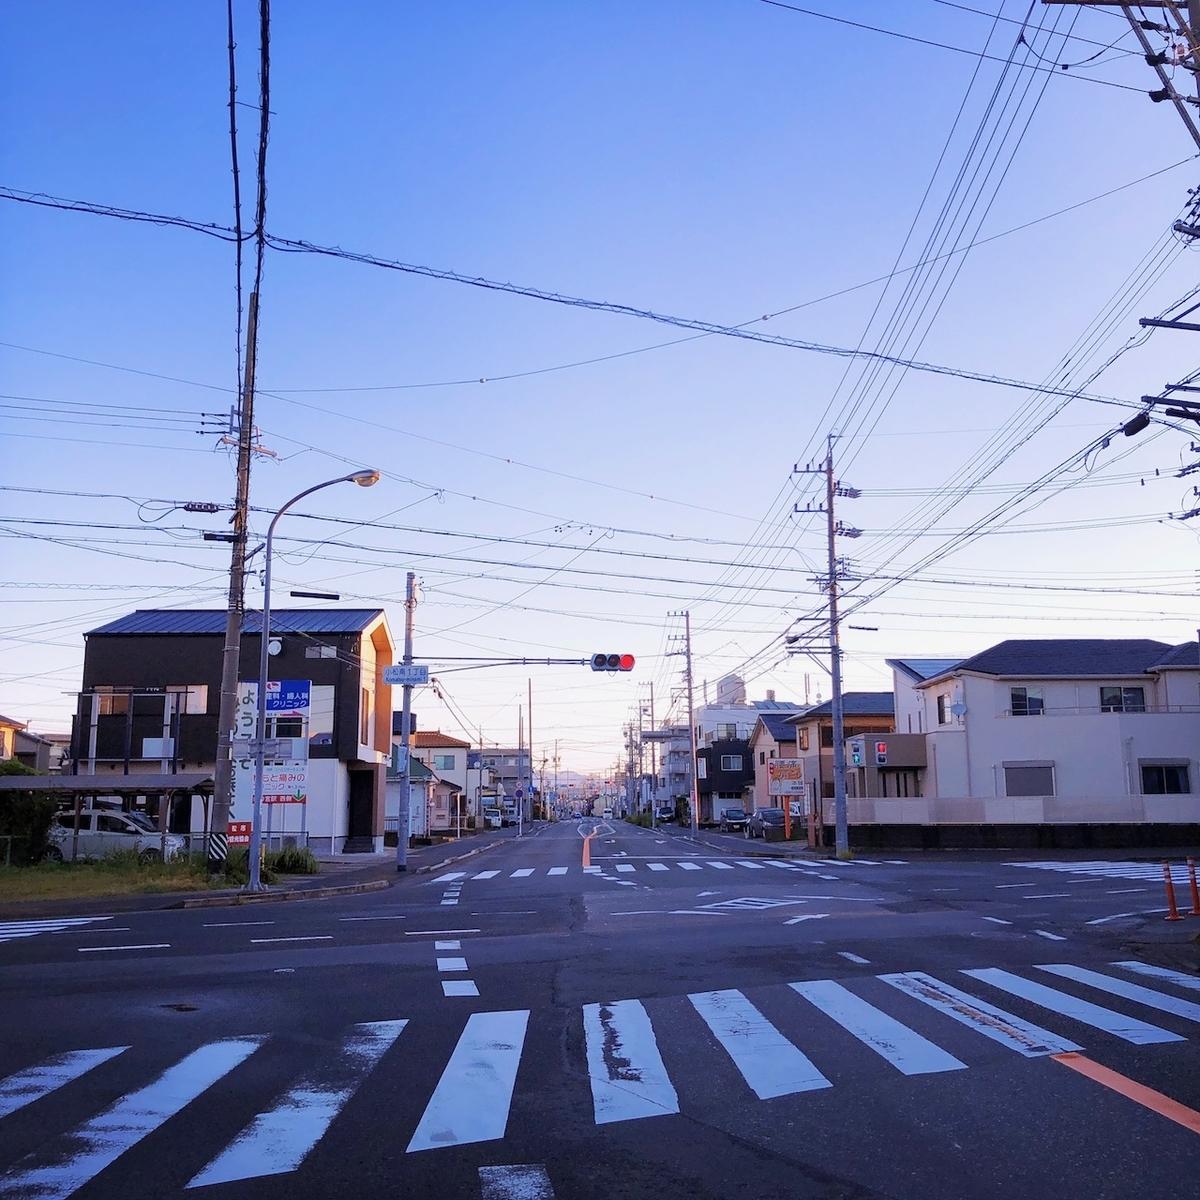 f:id:mick_kamihara:20201011060636j:plain